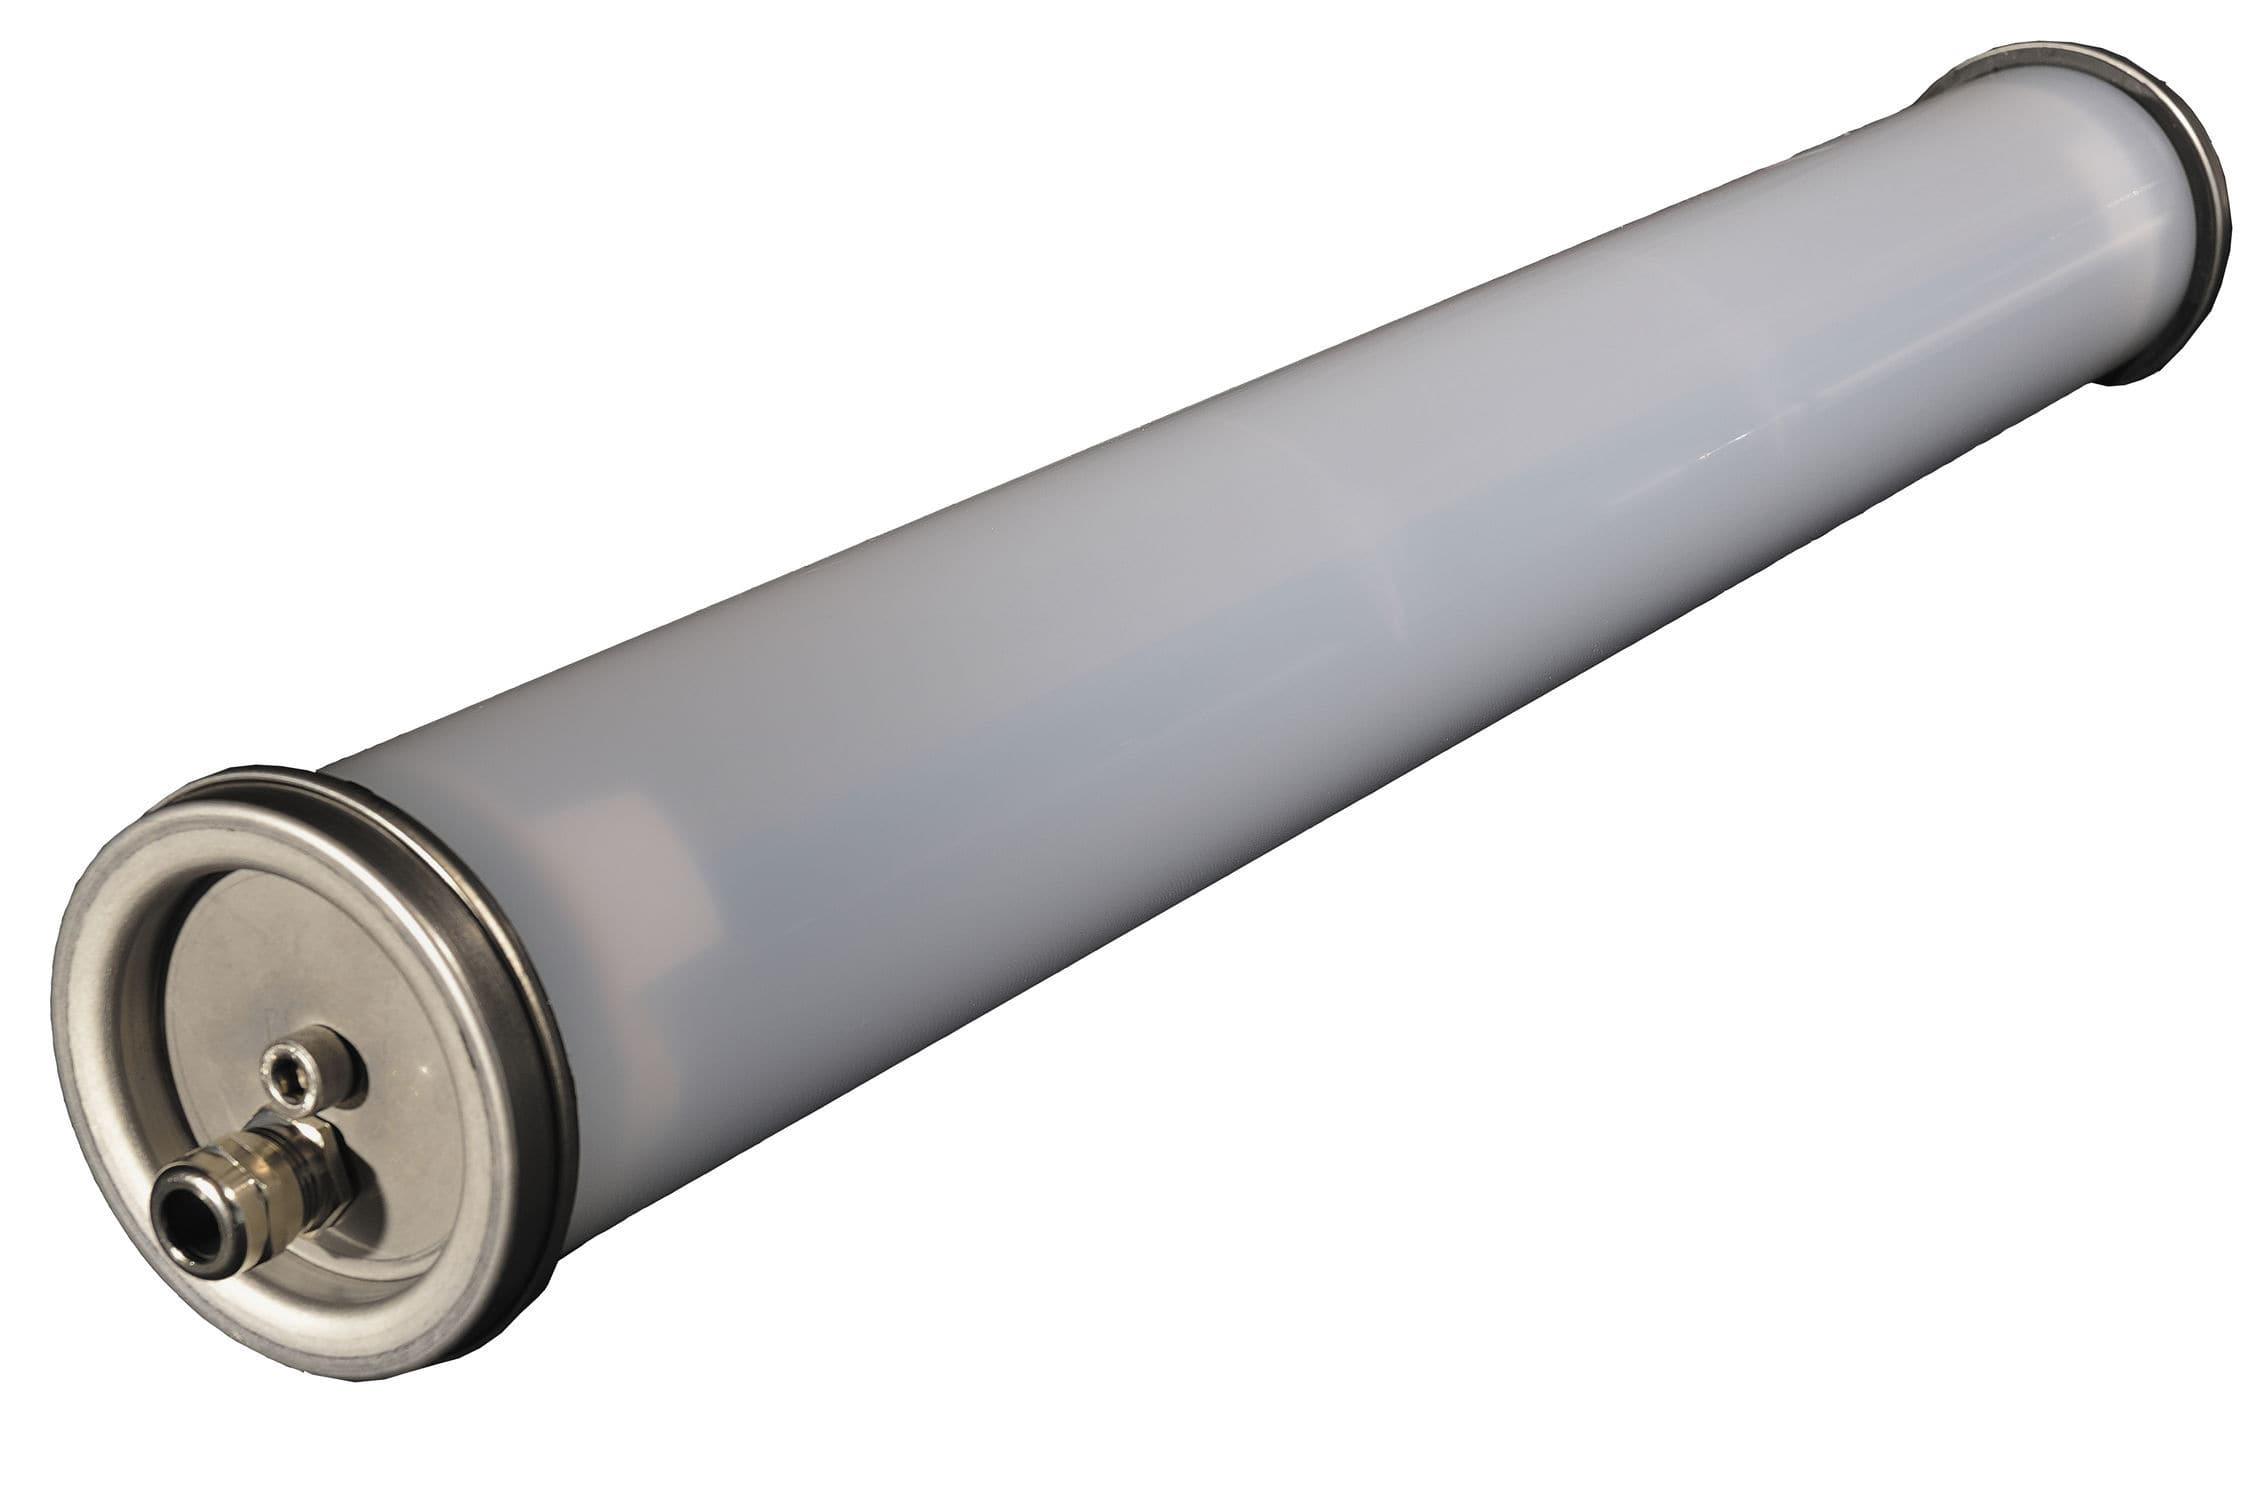 Lampada Tubolare Fluorescente : Dispositivo di illuminazione luce a lampada fluorescente per